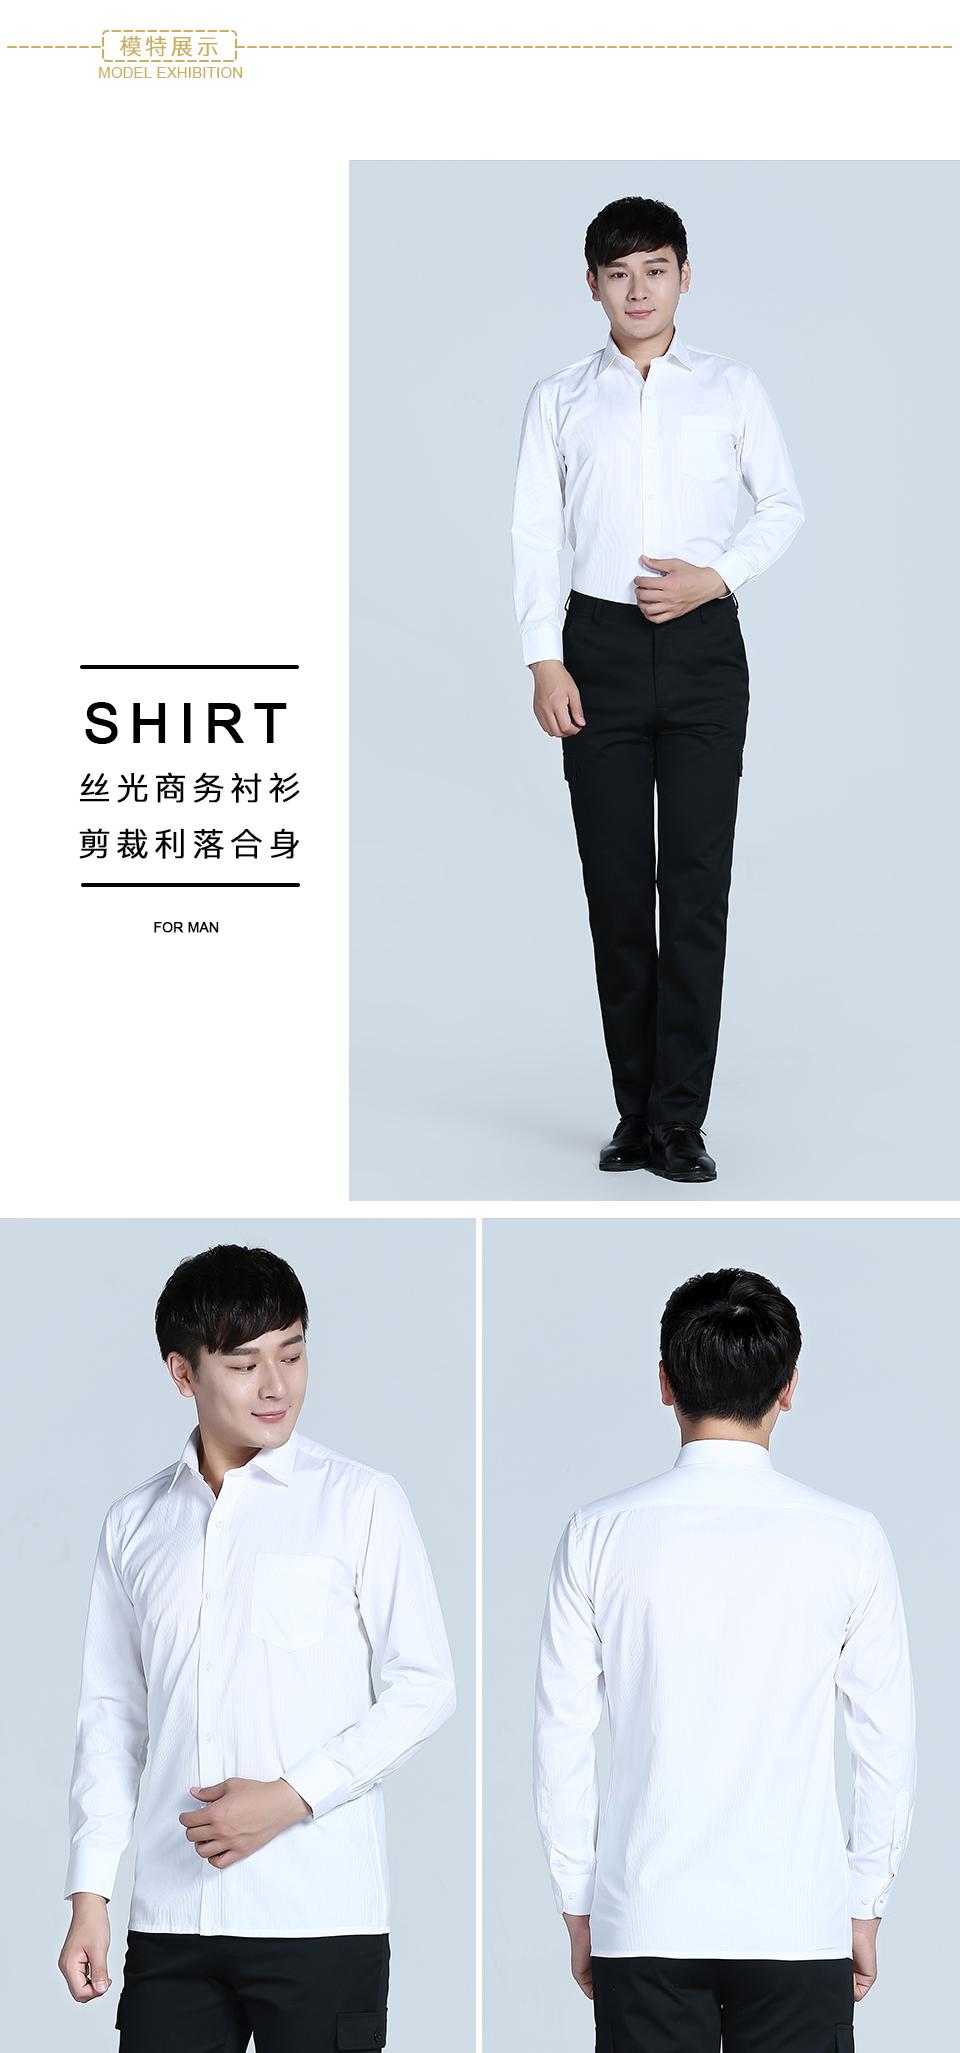 2019新款衬衫白色男商务V领长袖衬衫